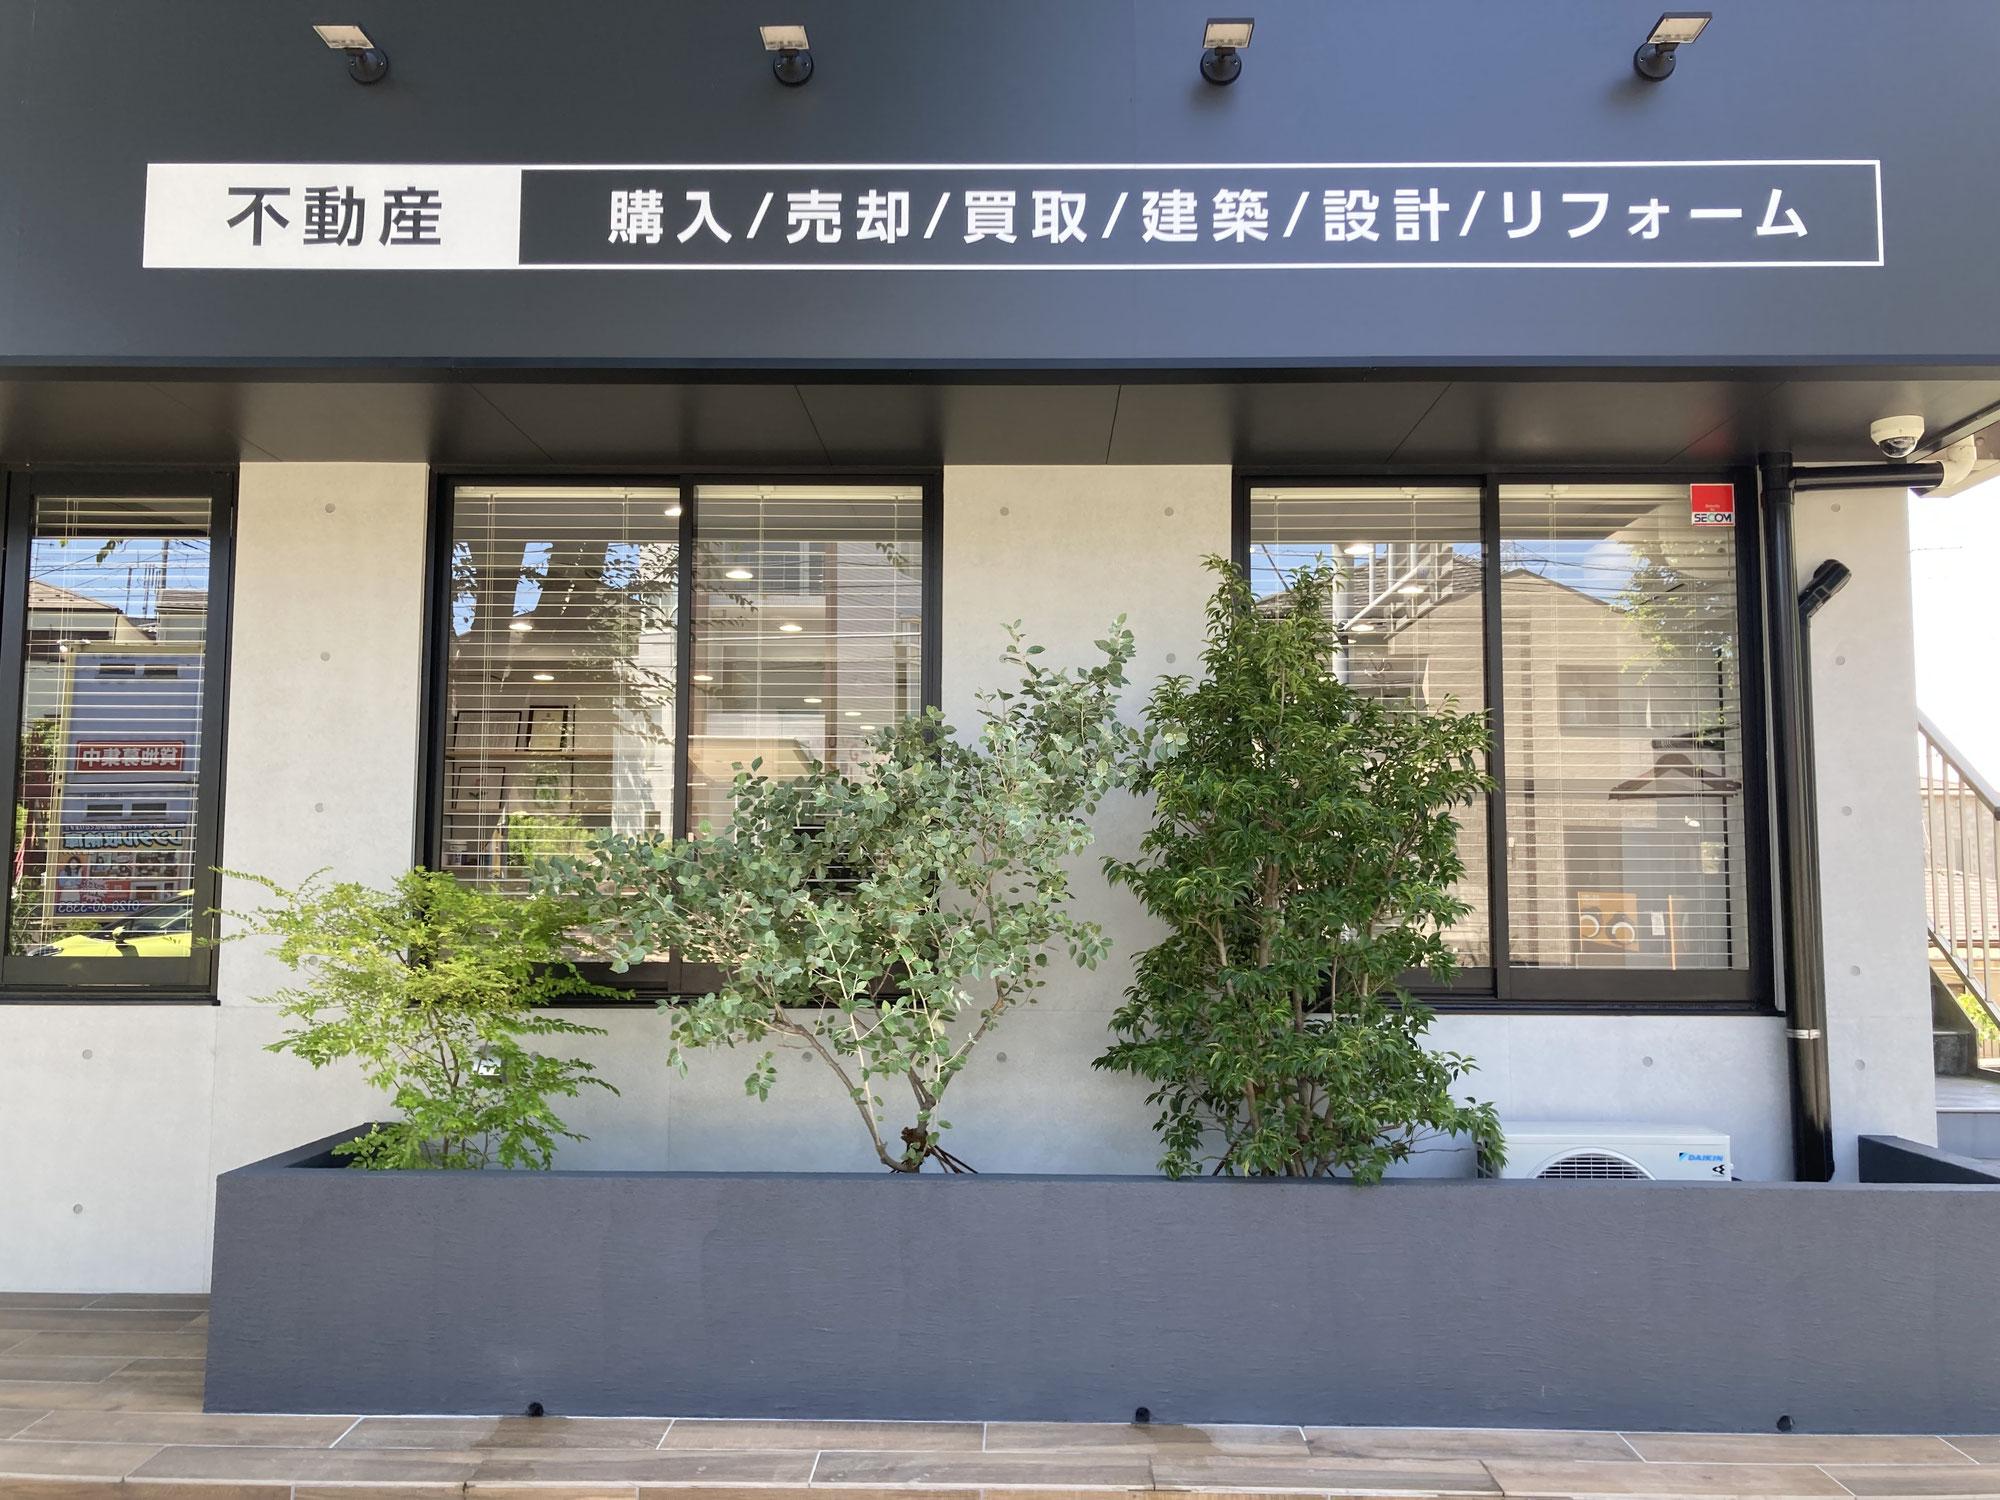 横浜市泉区の不動産会社の店頭の植栽。